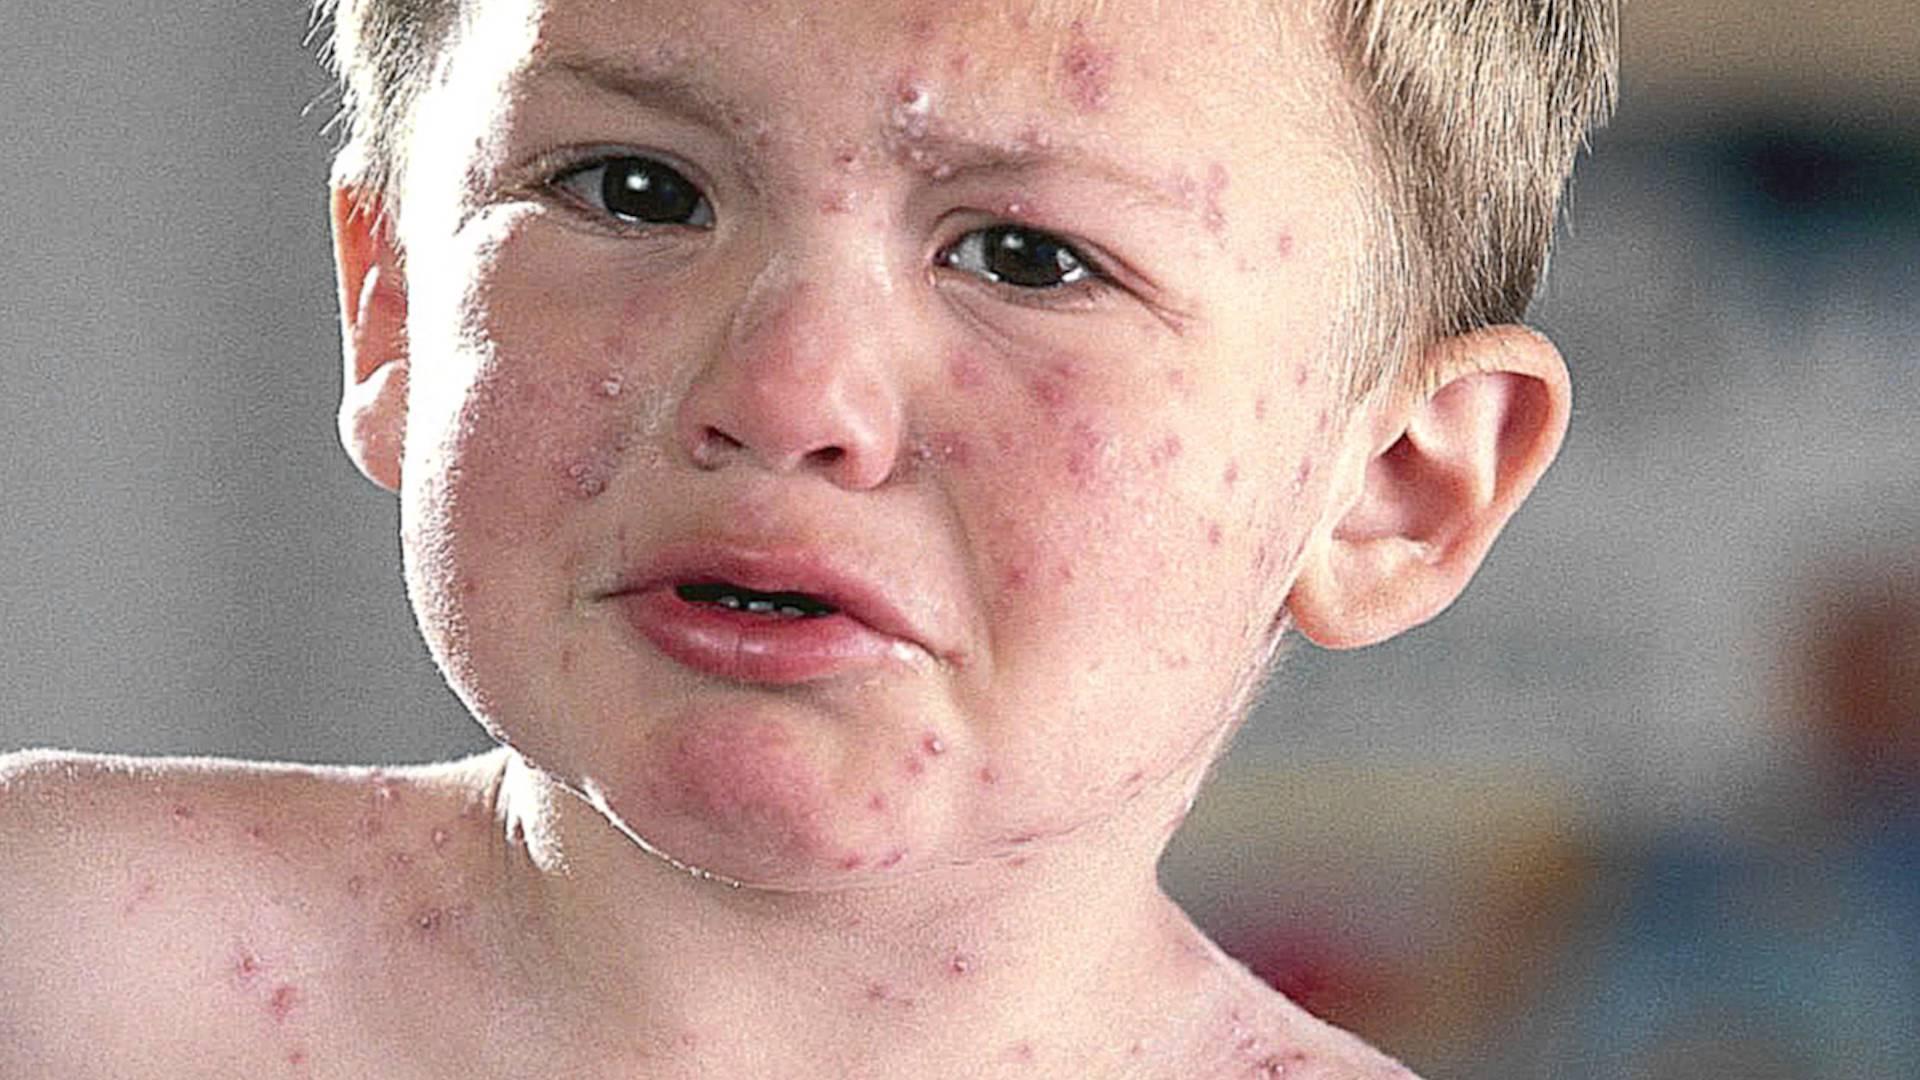 Симптомы воспаления лимфоузлов при ветрянке